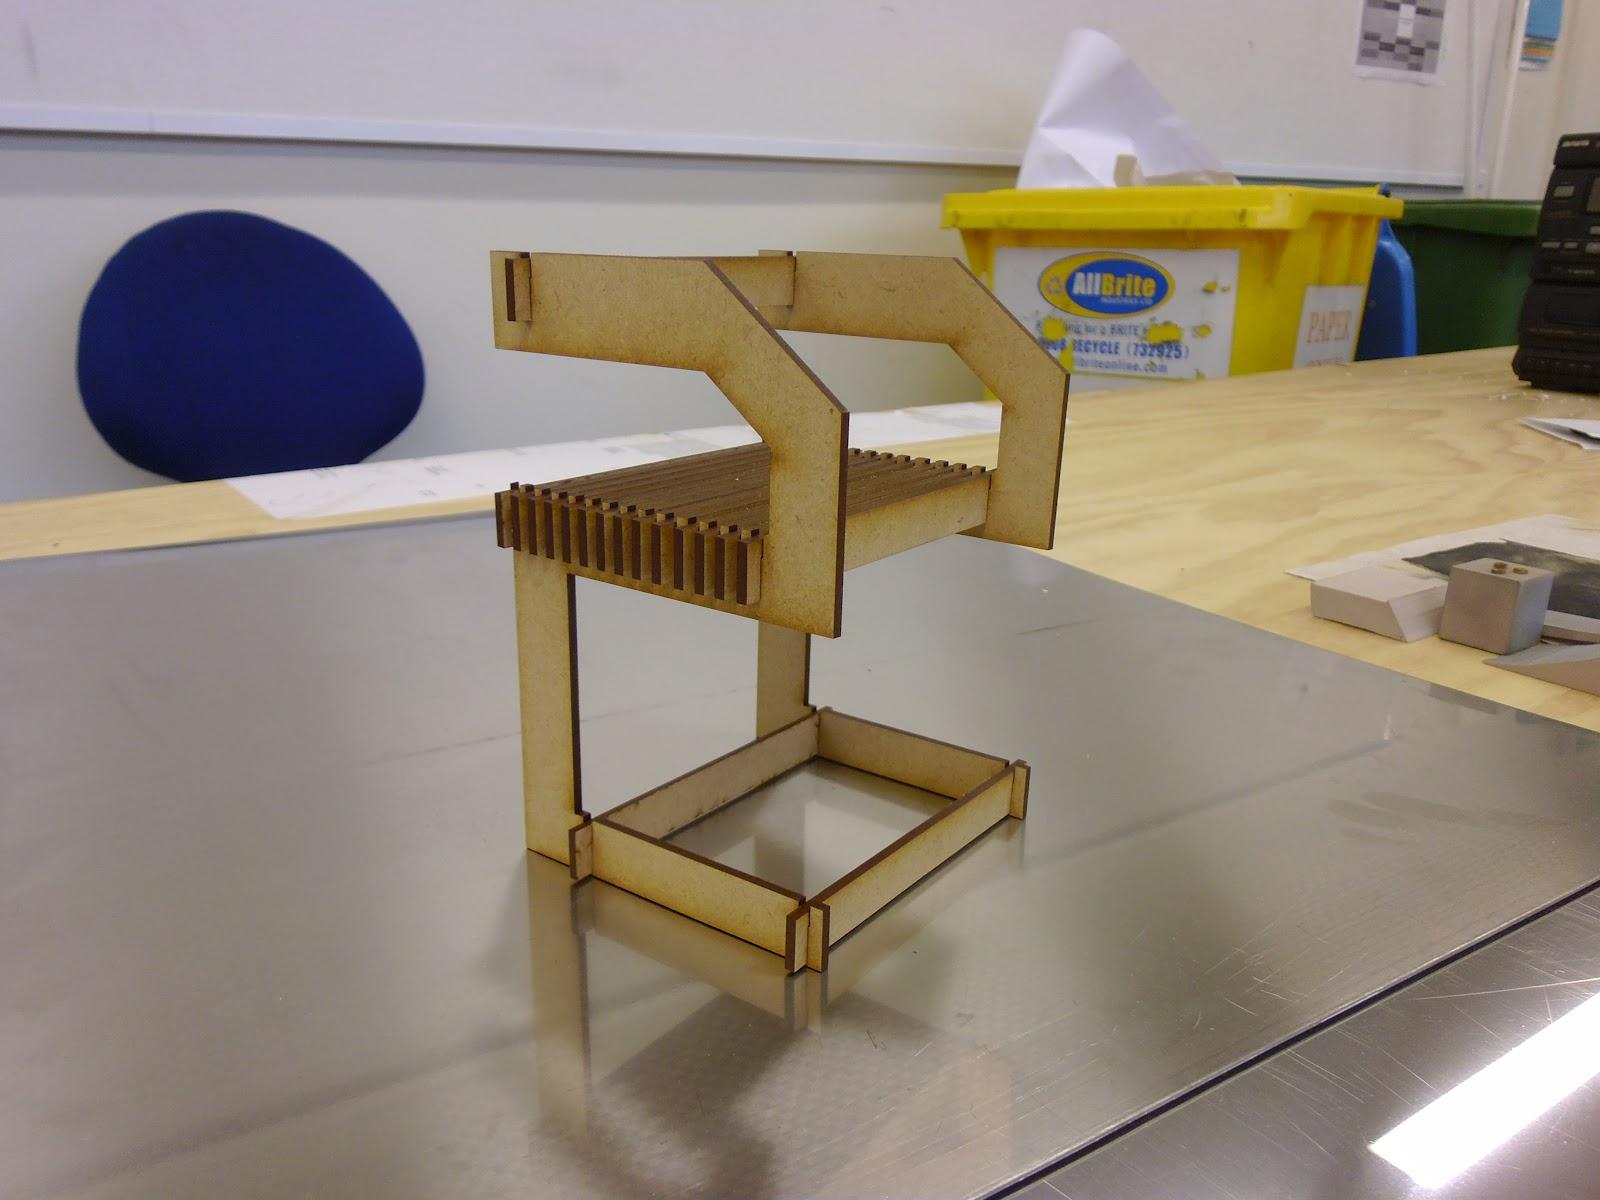 Philip Leytens Furniture Design Blog Interlocking Chair